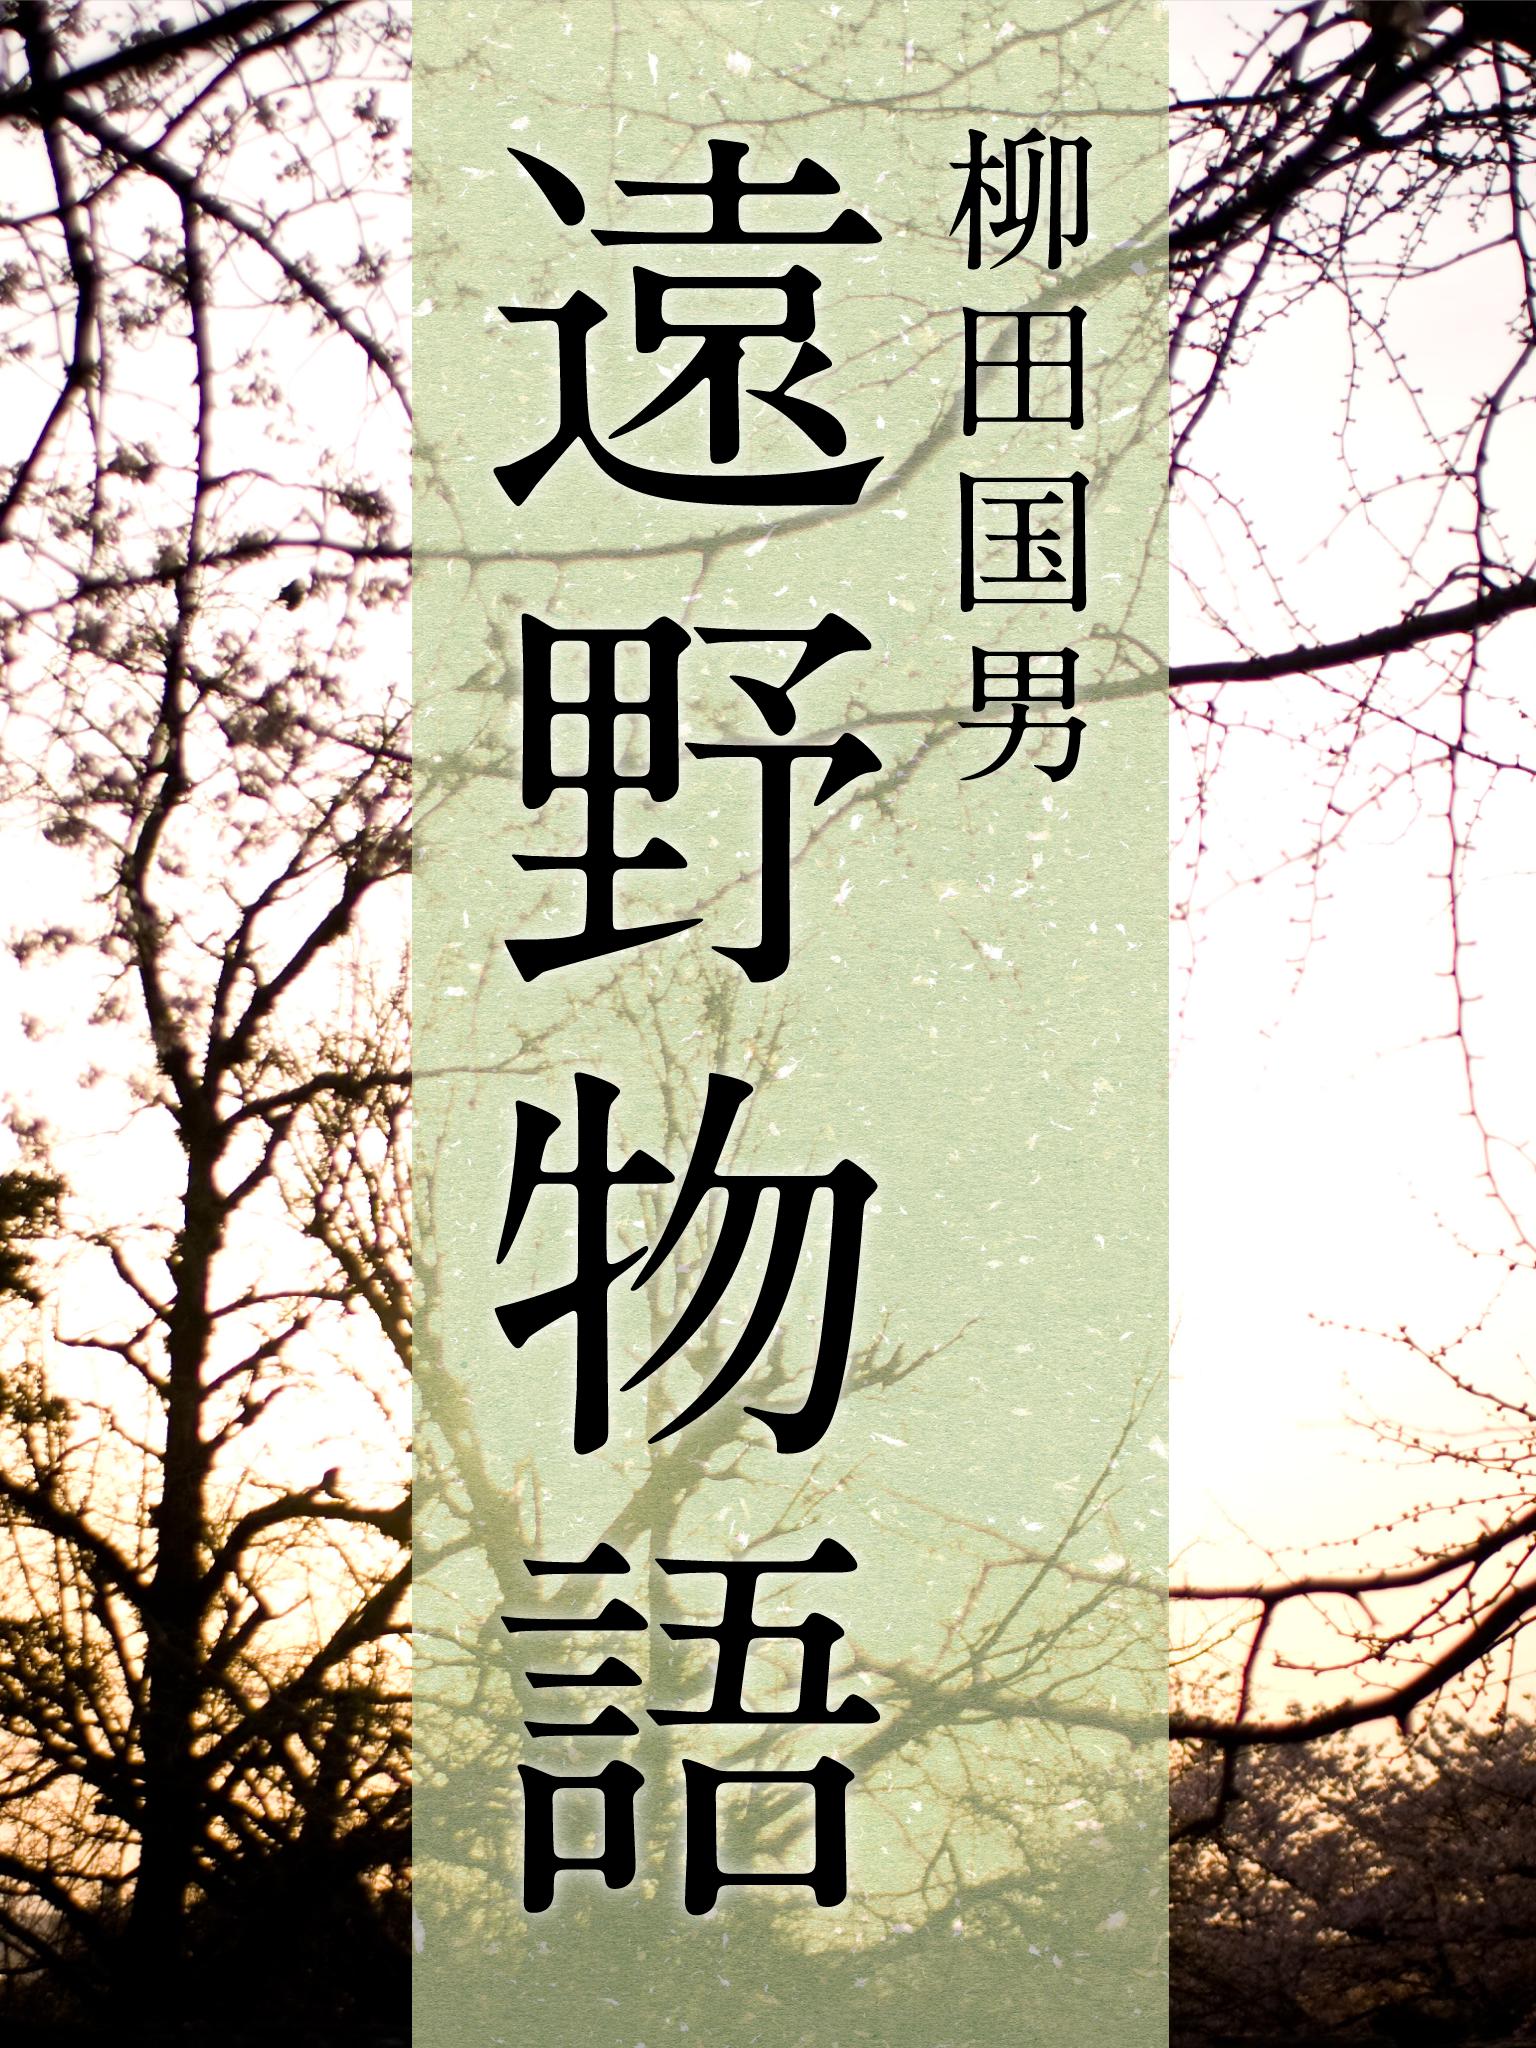 遠野物語 柳田国男 | 柳田国男 ...